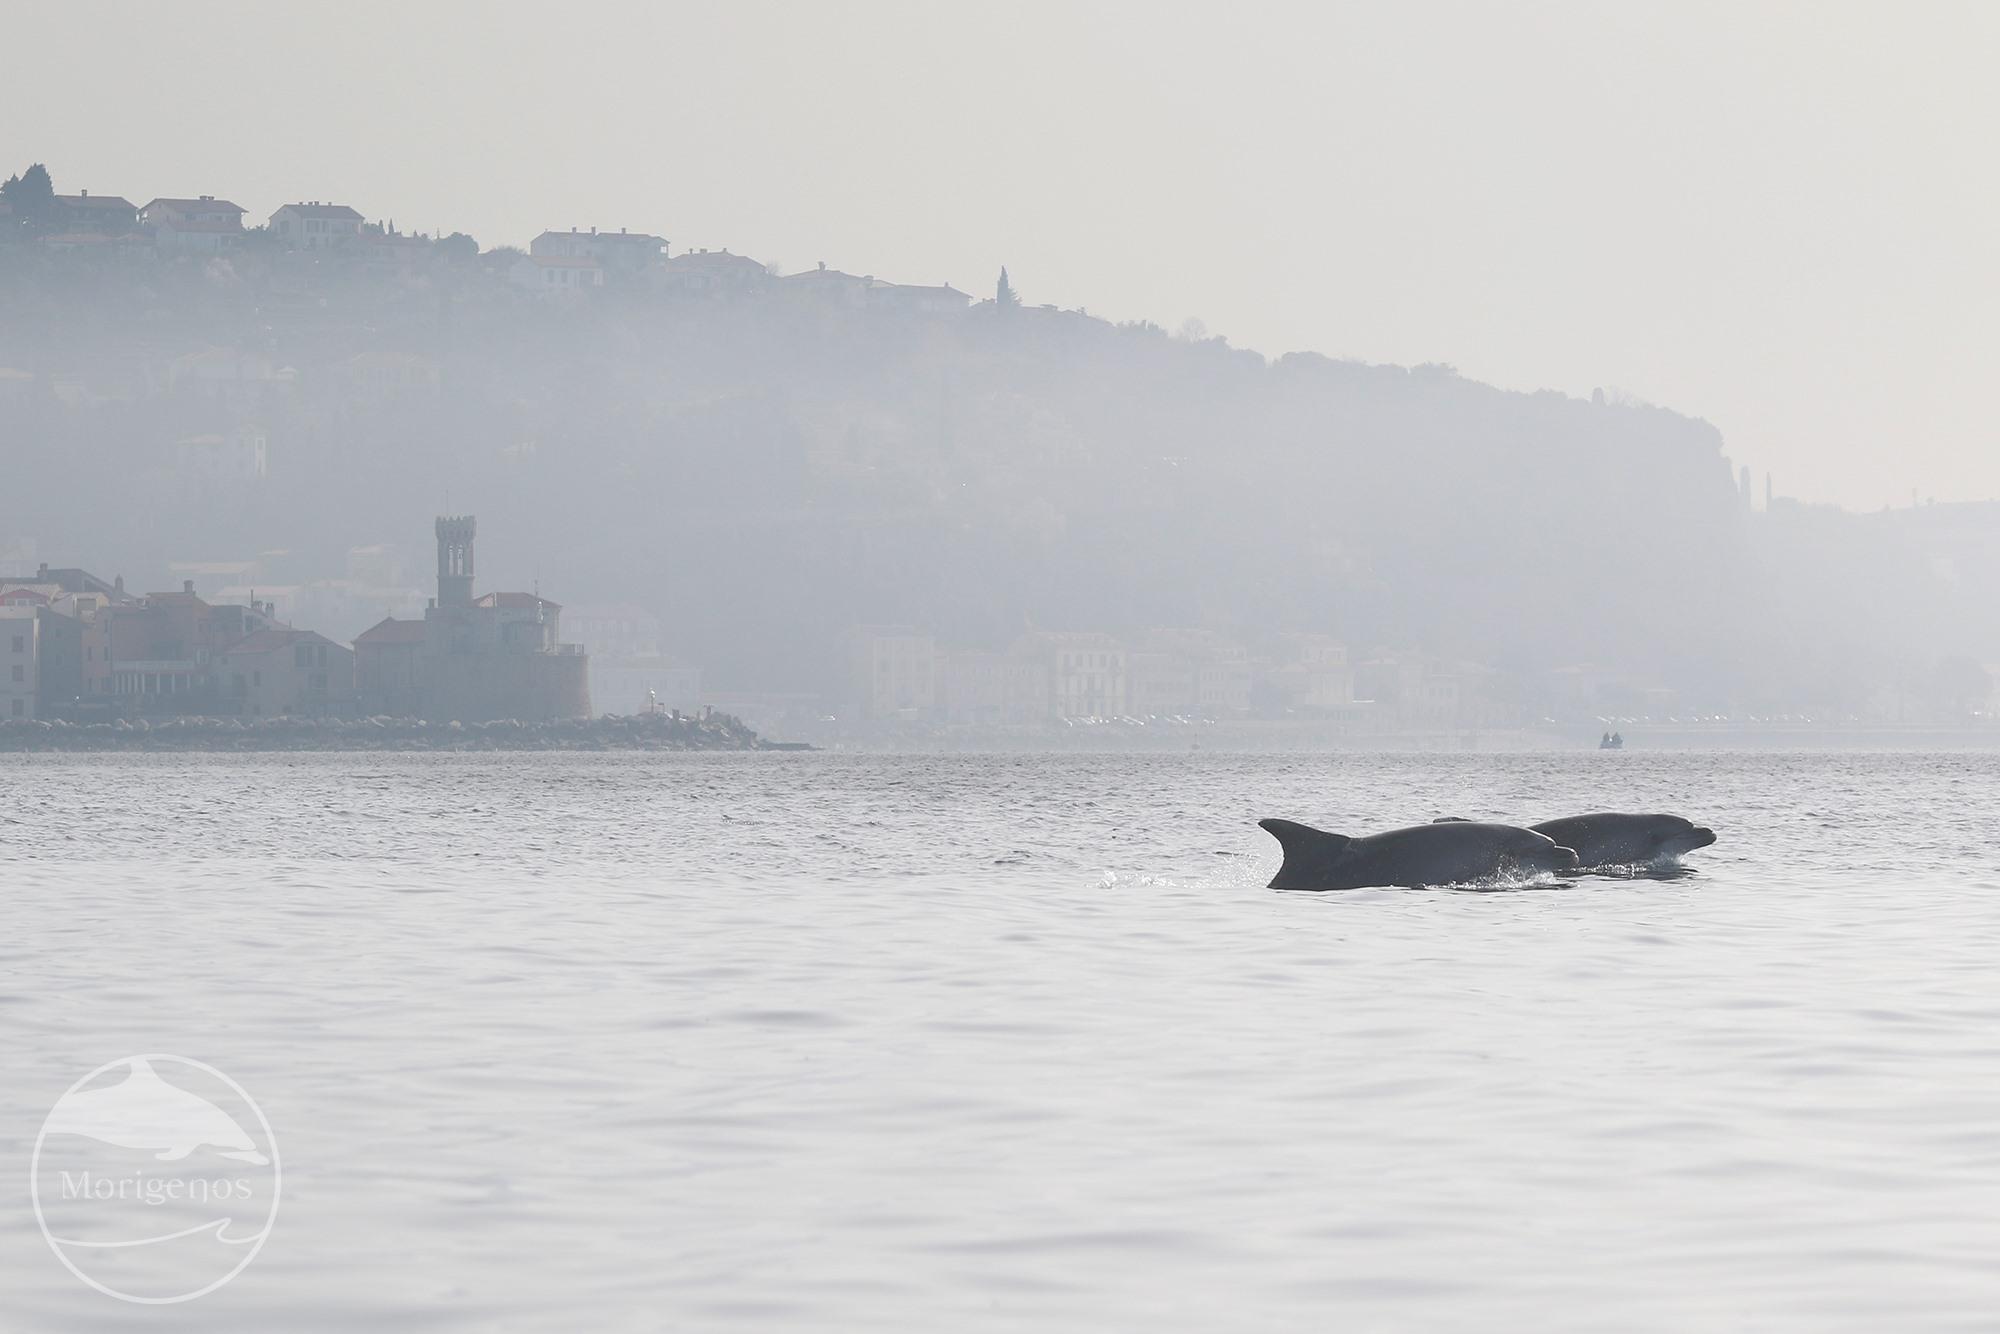 Morigenosov mesec delfinov v Mestni knjižnici Piran